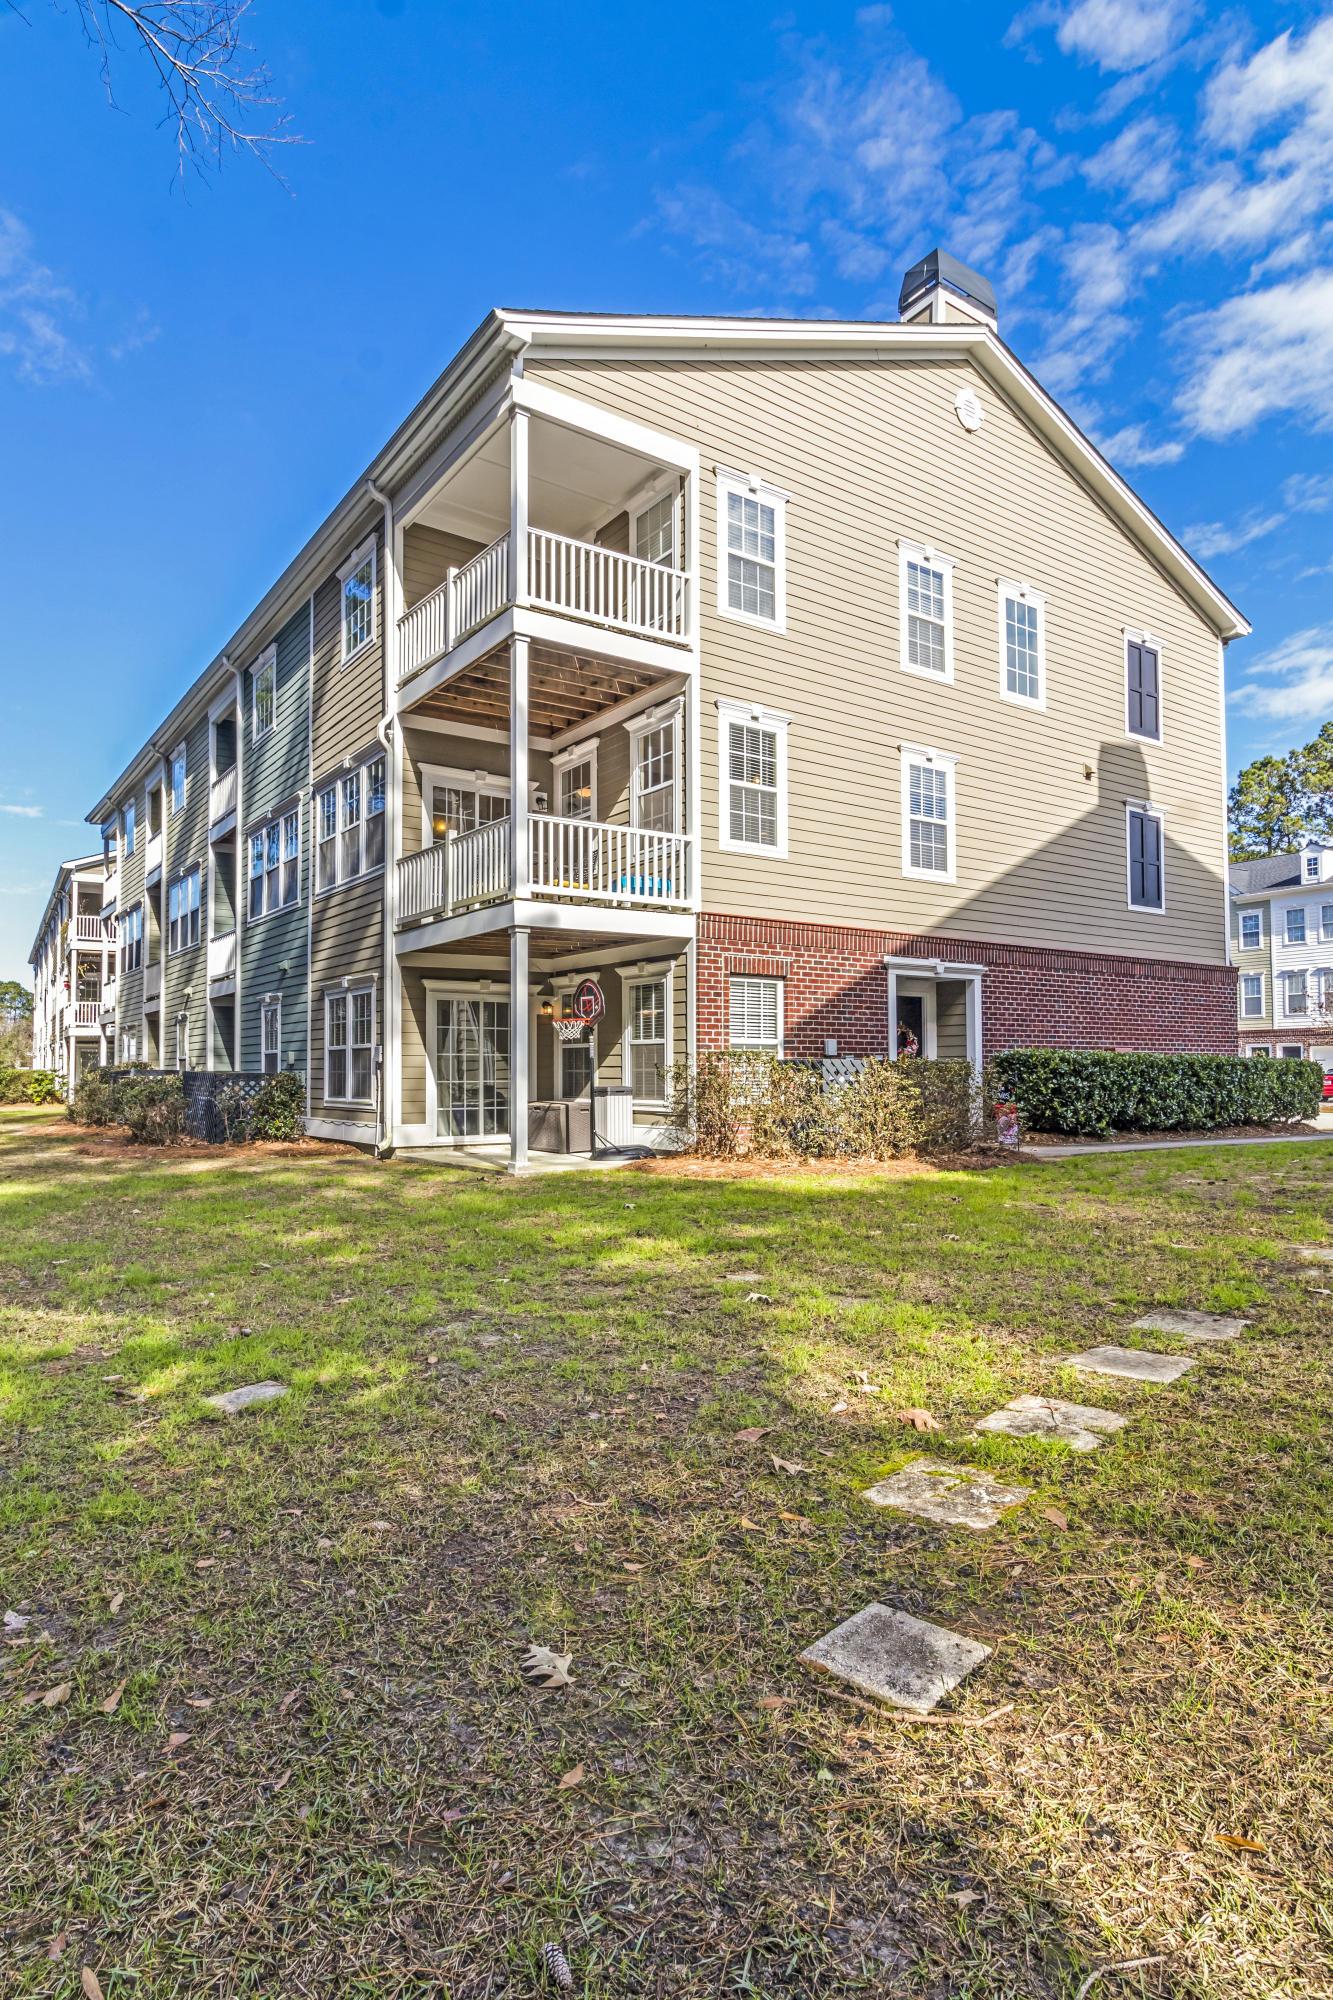 Park West Homes For Sale - 3537 Claremont, Mount Pleasant, SC - 4